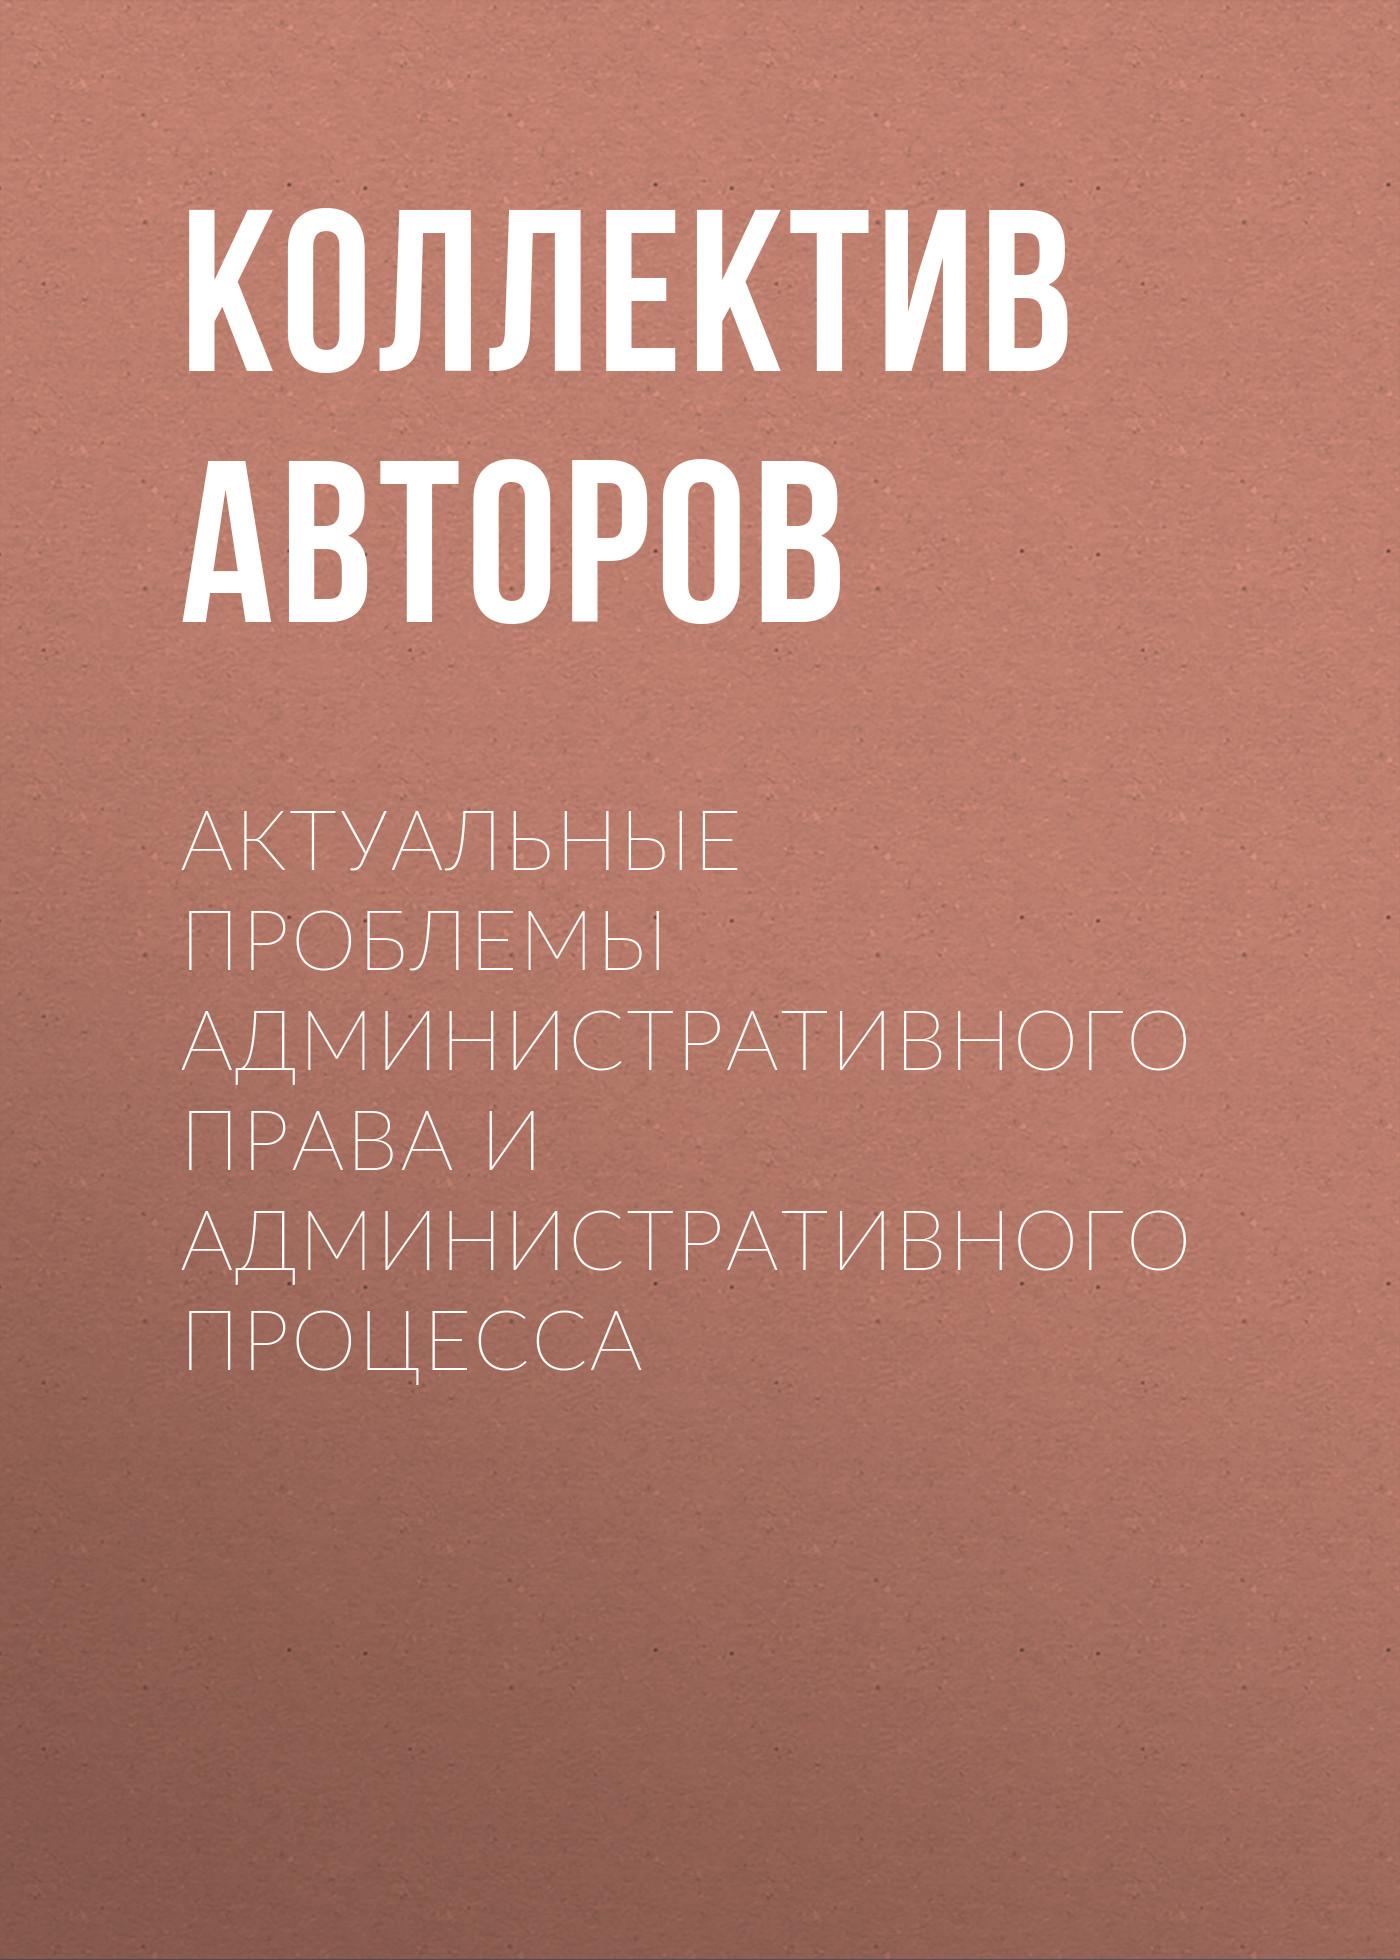 Коллектив авторов Актуальные проблемы административного права и административного процесса